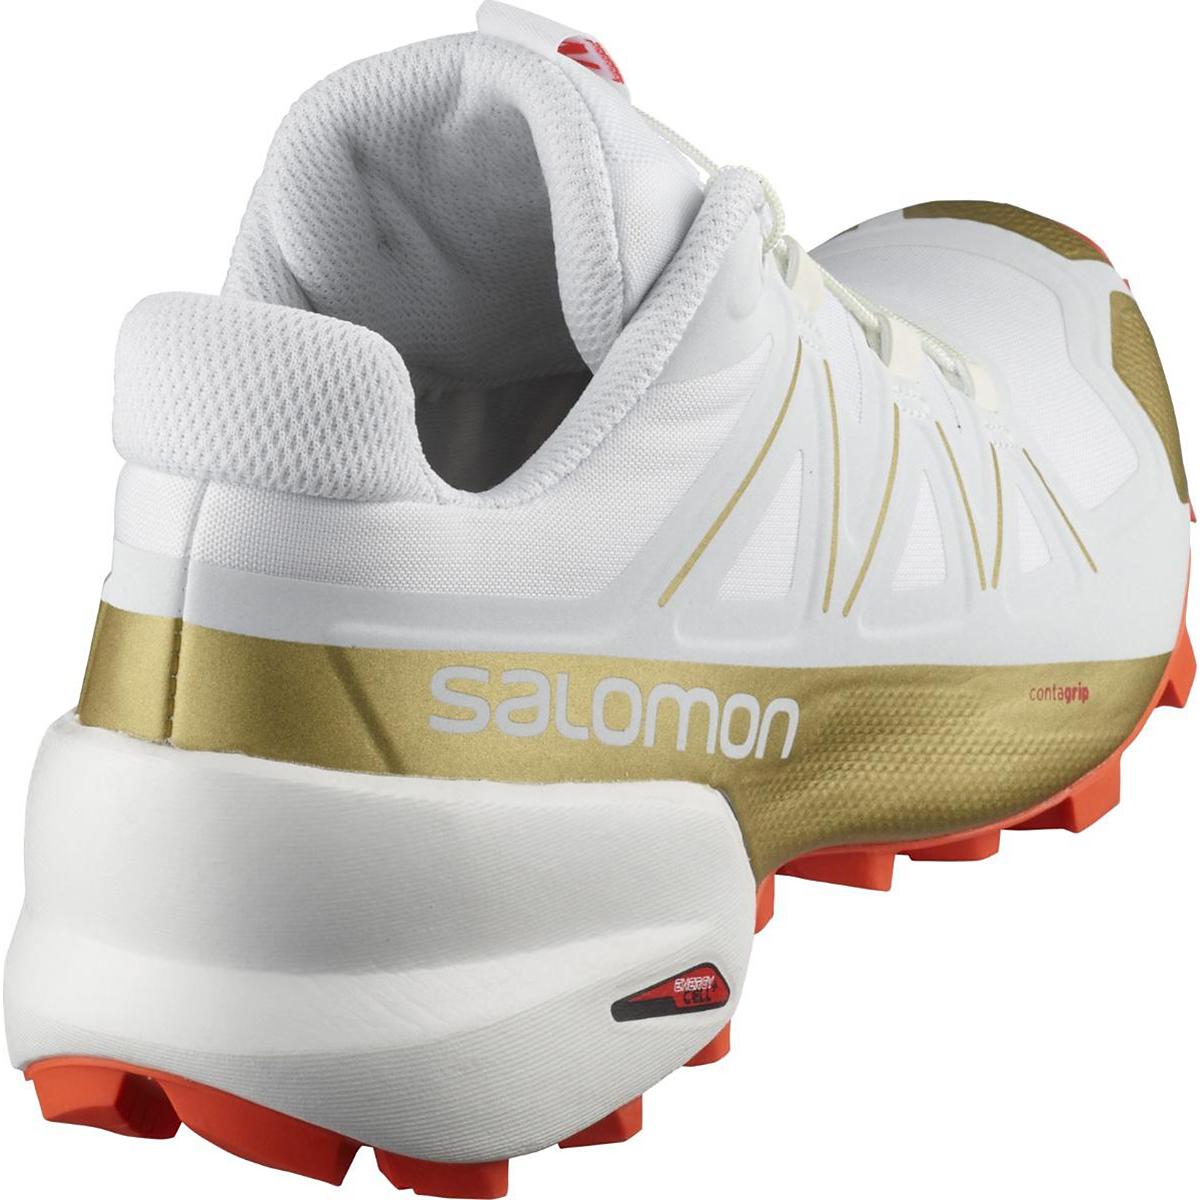 Women's Salomon Speedcross 5 Trail Running Shoe - Color: White/White - Size: 5 - Width: Regular, White/White, large, image 4